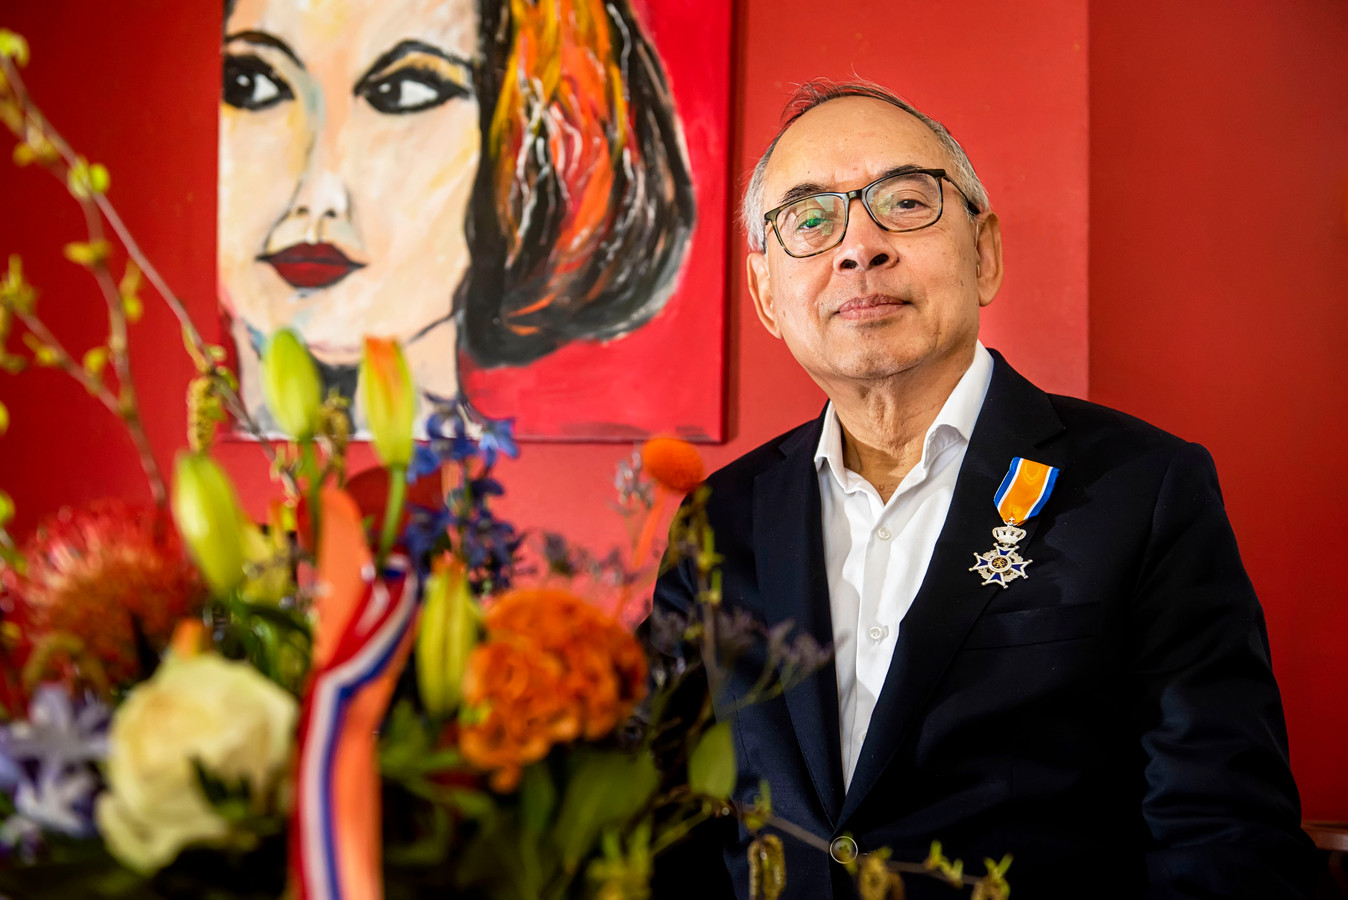 Juan Seleky is als enige Bredanaar dit jaar tot ridder geslagen. Hij is onder meer voorzitter van de (landelijke) stichting Molukse ouderen.